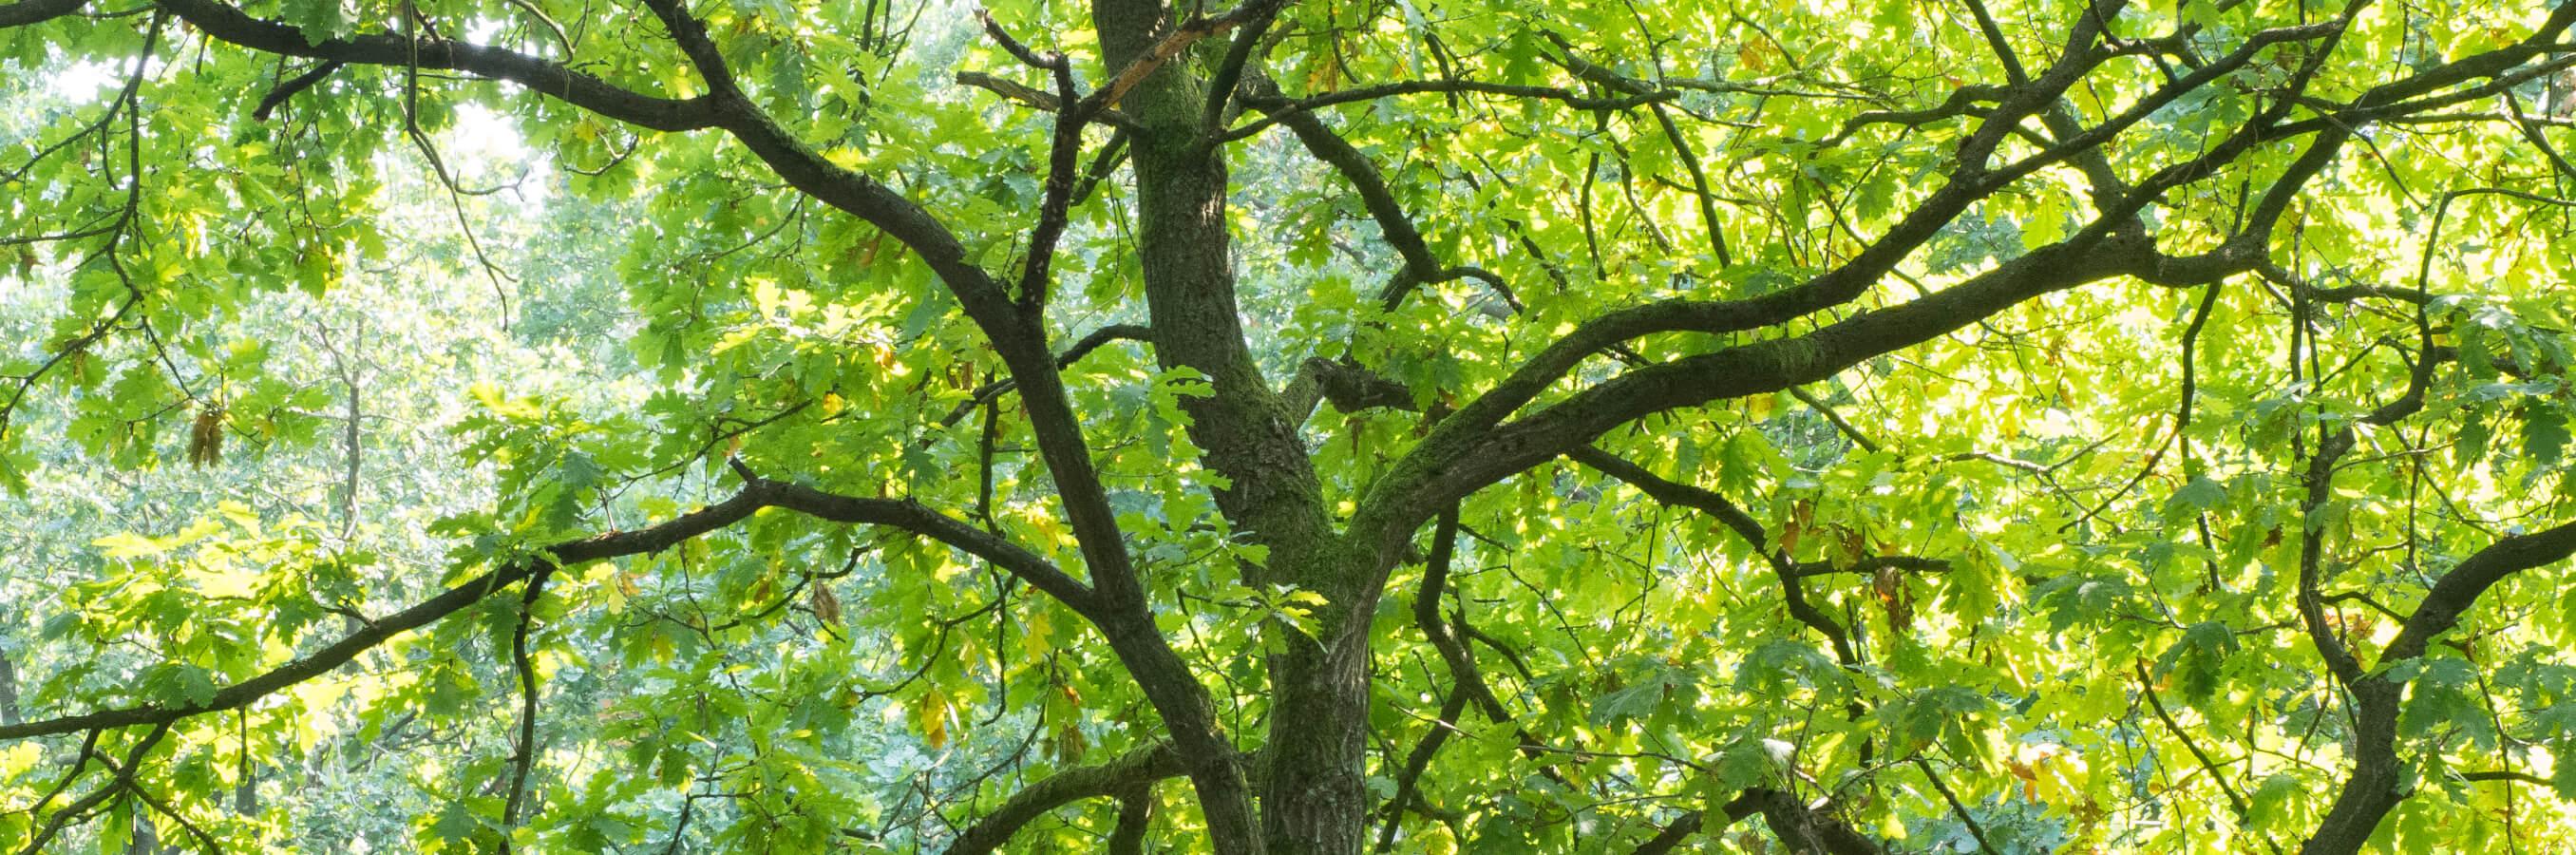 Goois natuurreservaat boom nabij locatie mindfulnesstraining